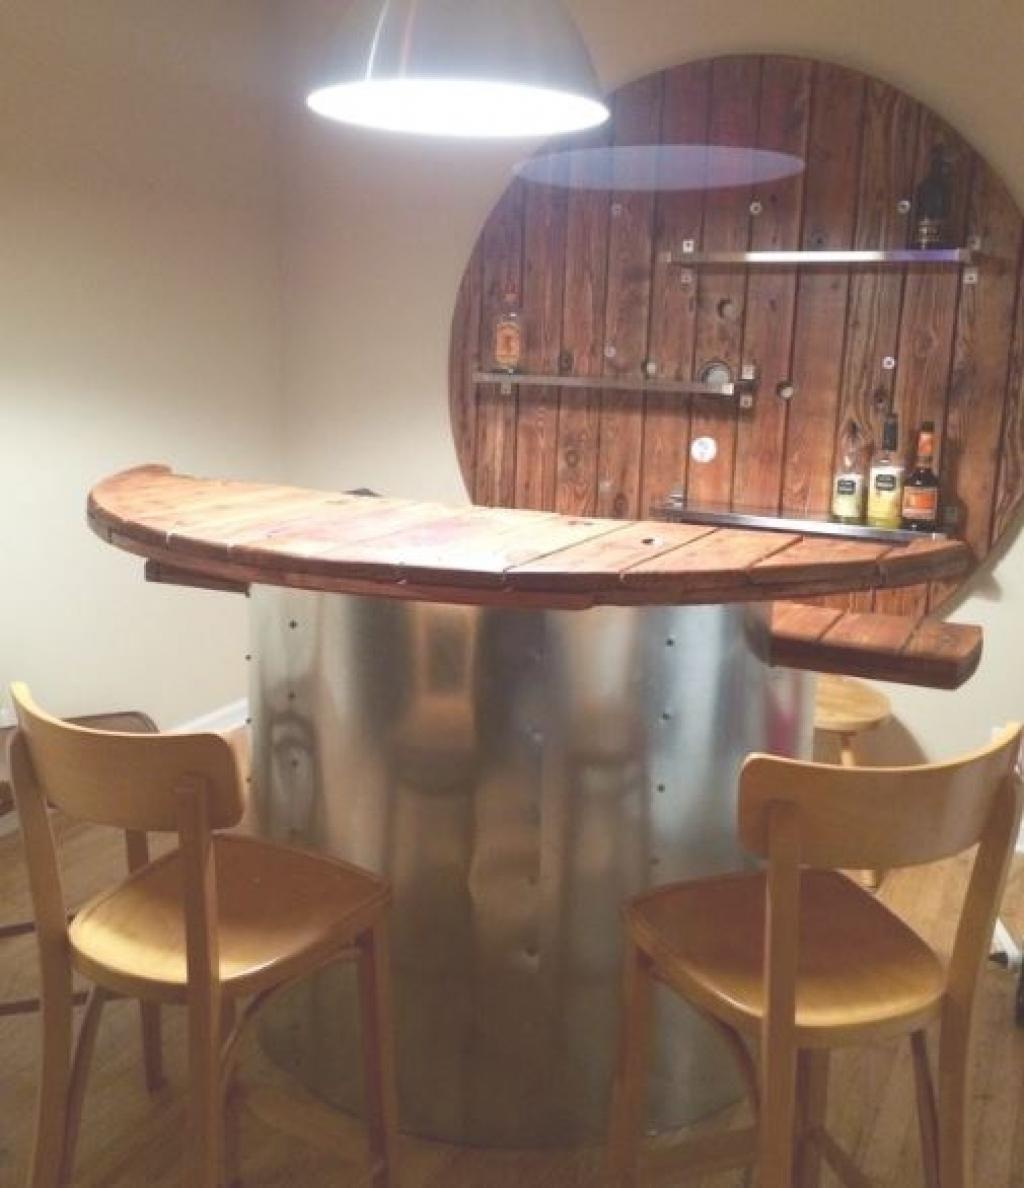 Transformer Un Tonneau En Bar que feriez-vous avec cette grosse bobine? ce gars a eu une